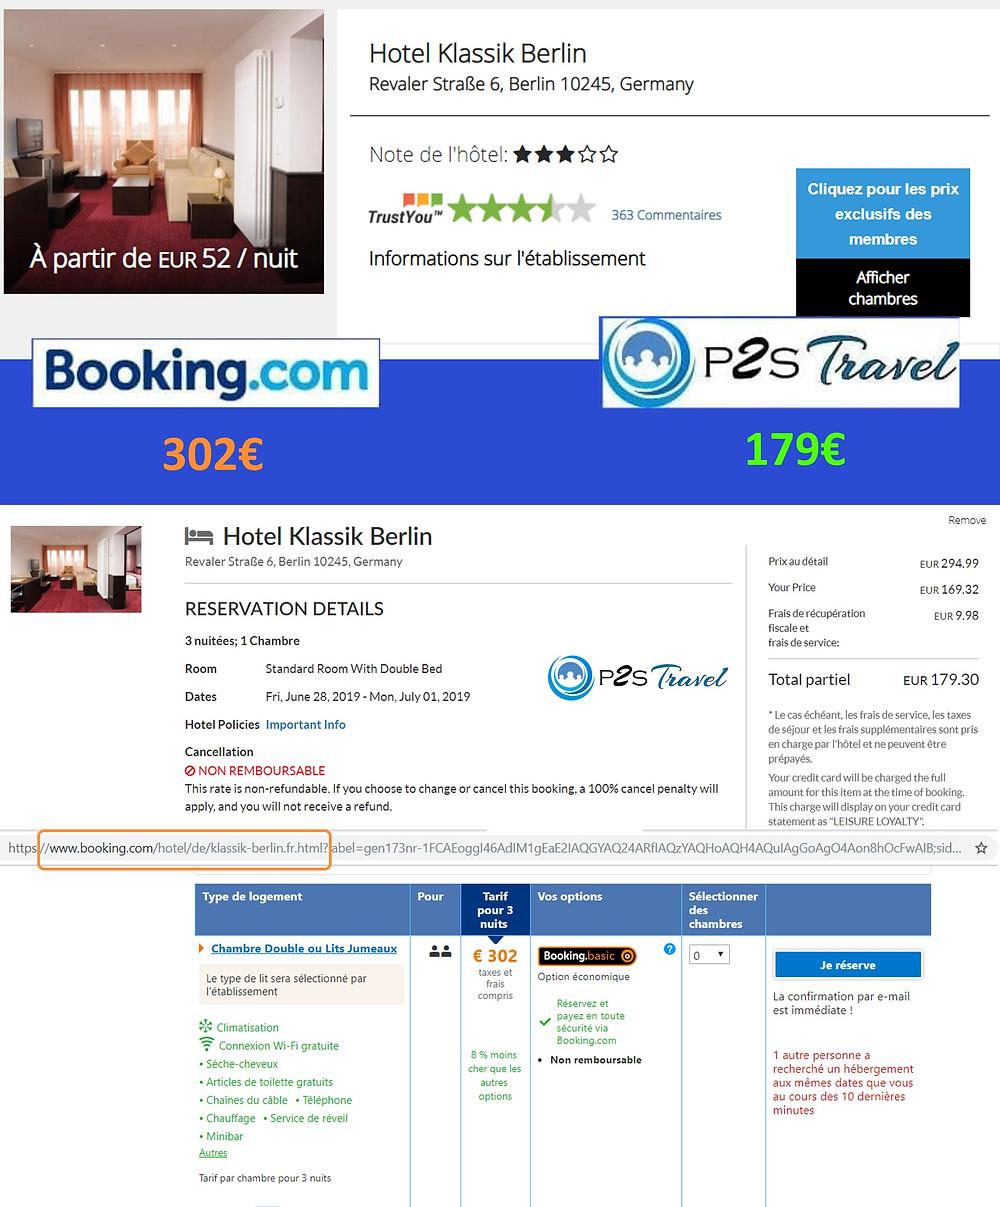 Hôtel Klassik Berlin à Berlin / Allemagne - 1 chambre 3 nuits 2 adultes Tarif sur Booking 302€ - même chose sur P2S Travel 179€ soit 123€ d'économies en réservant sur le site réservation P2S Travel